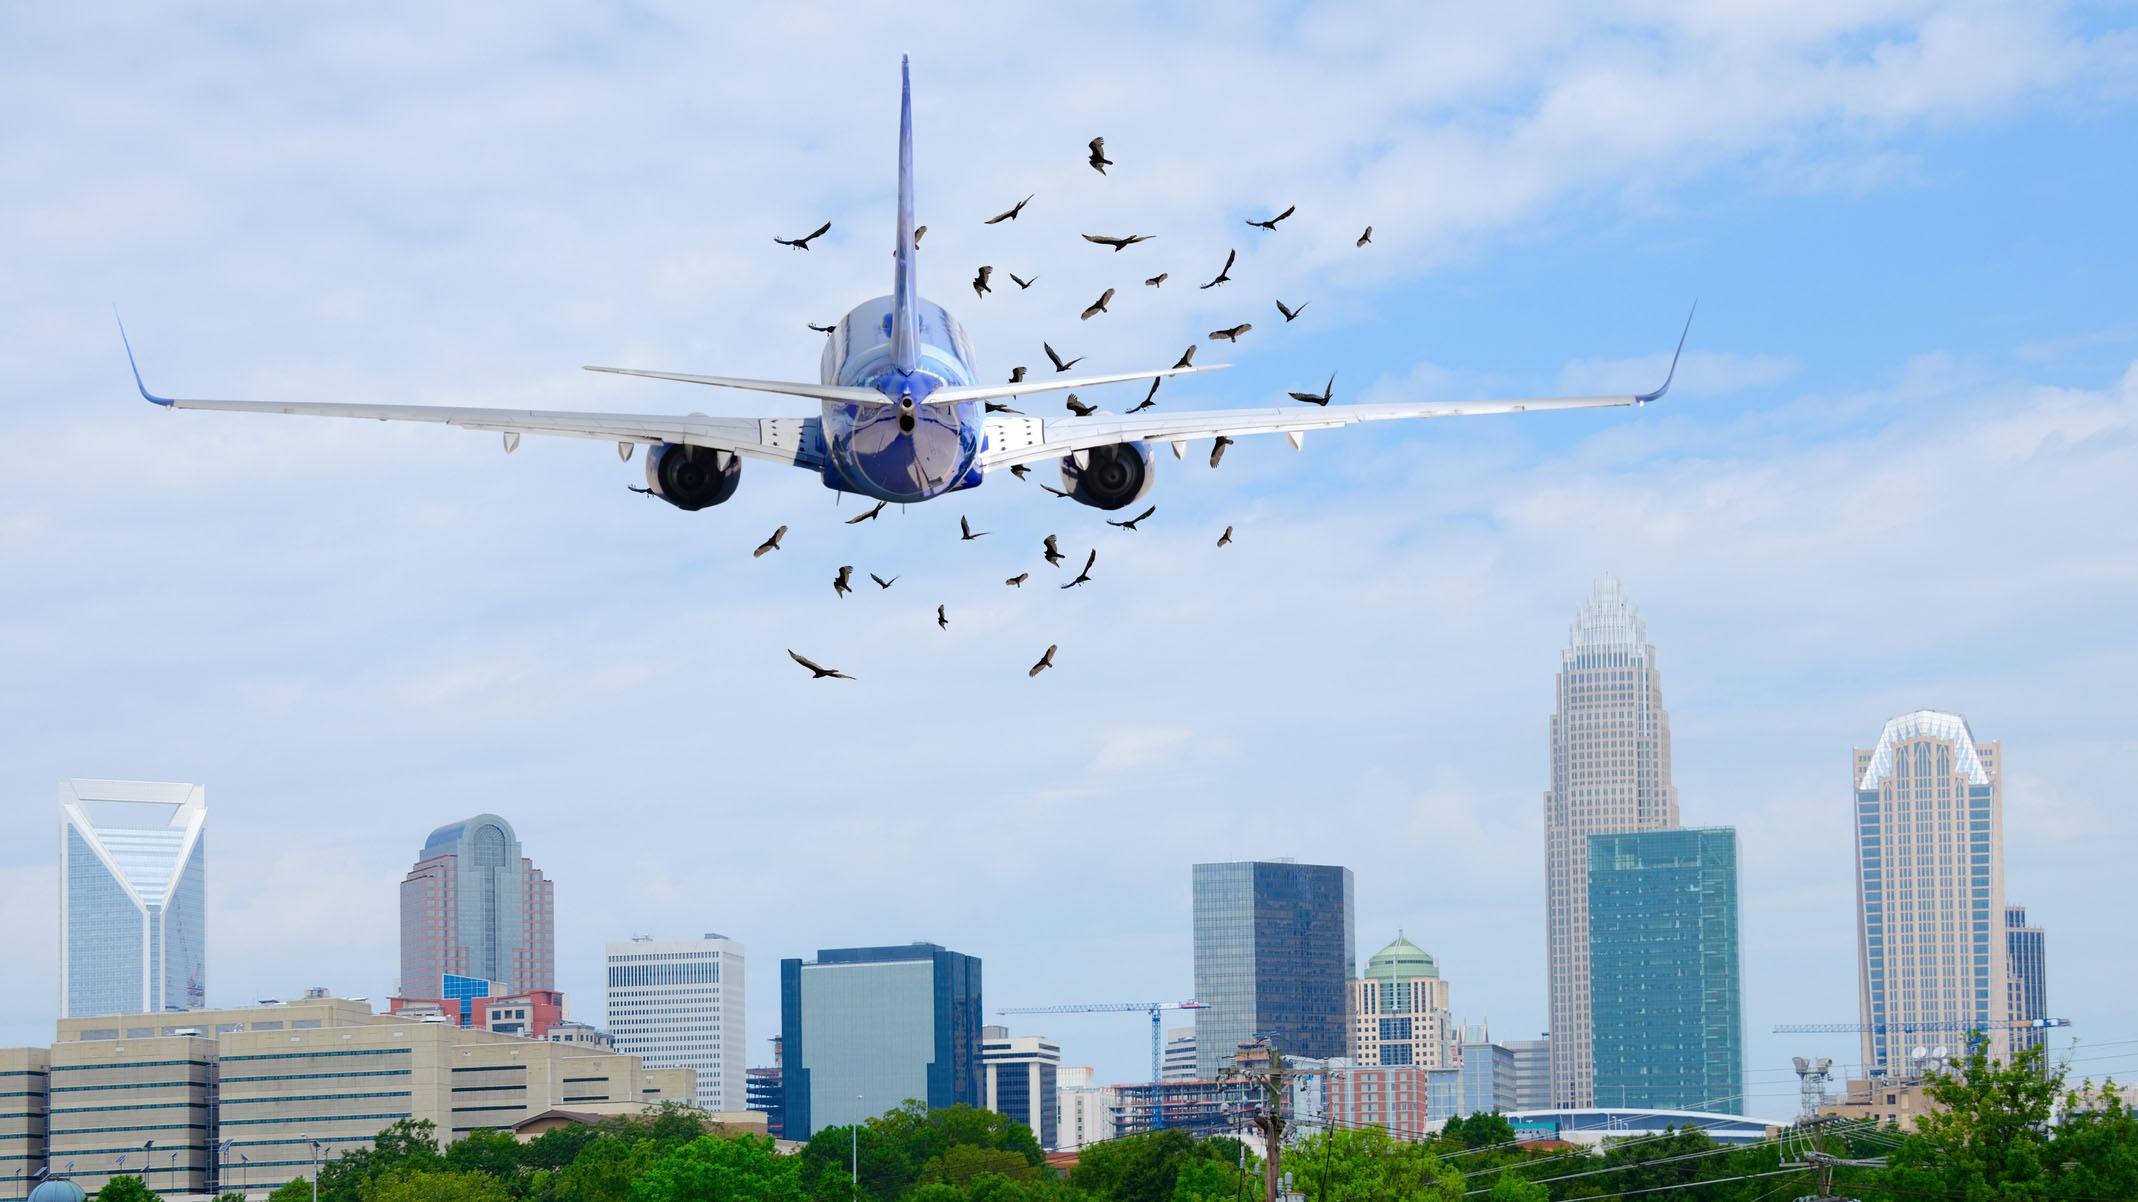 Impactos de pájaros contra aviones